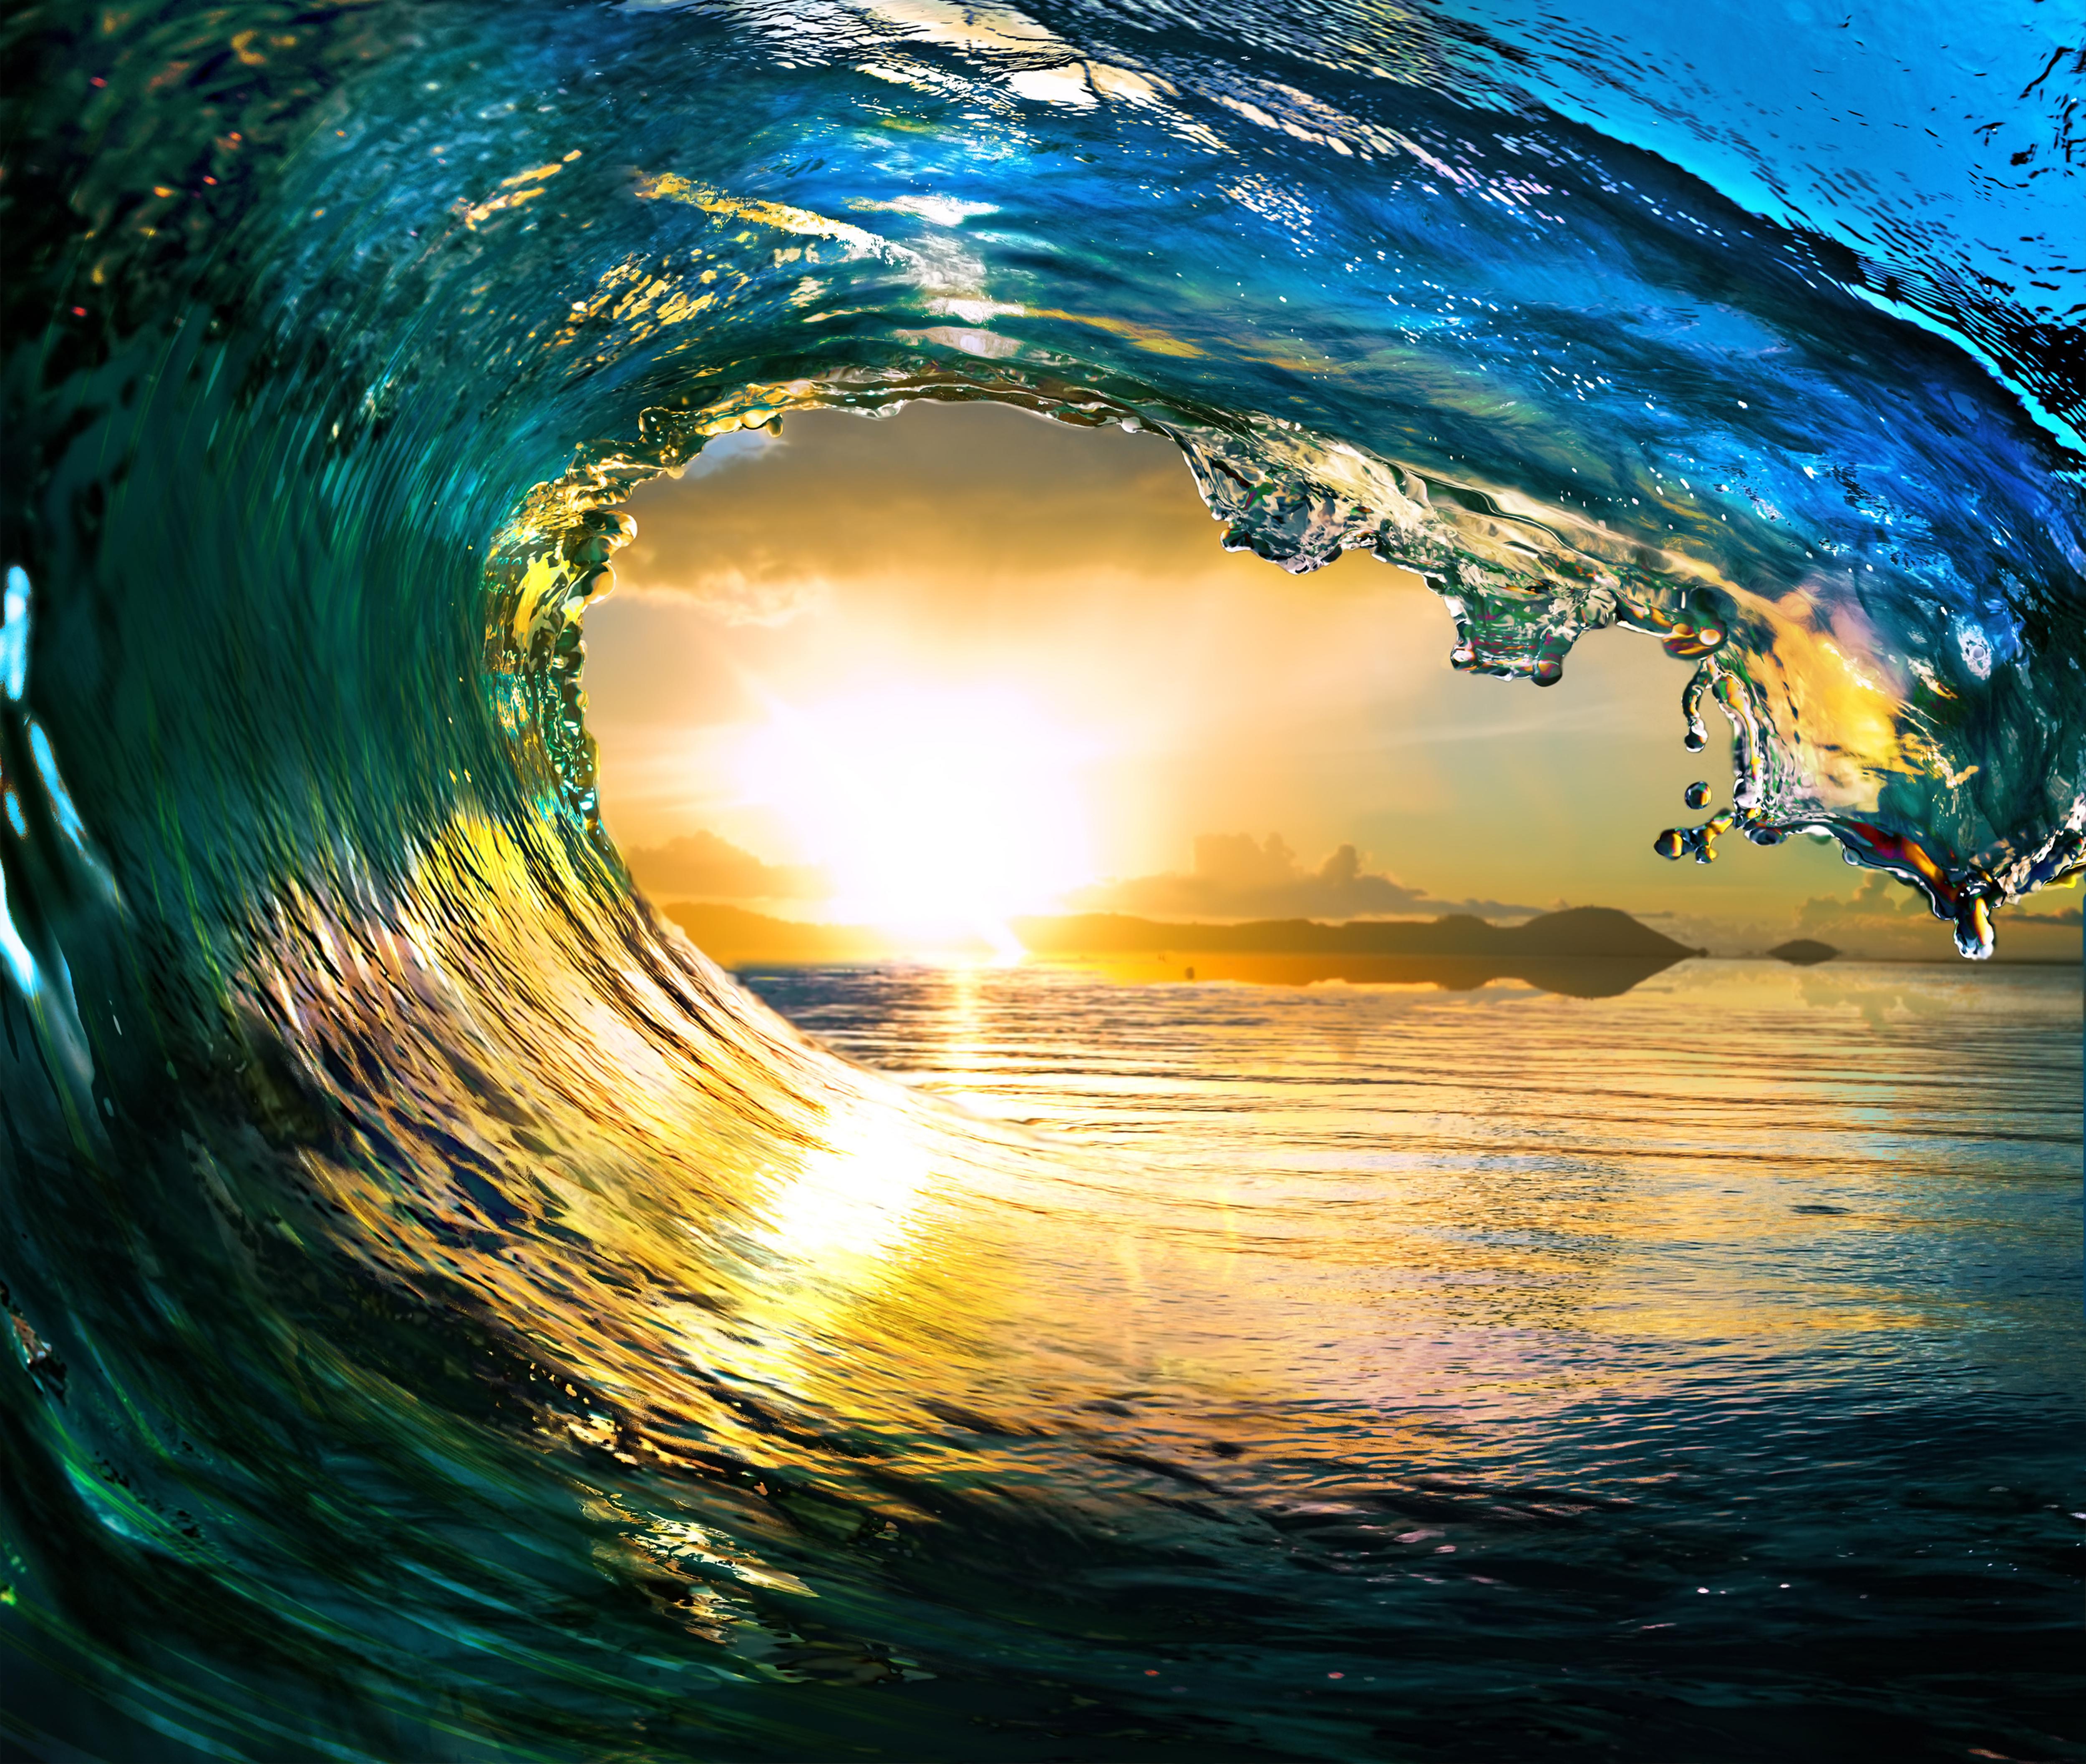 Ocean Landscapes